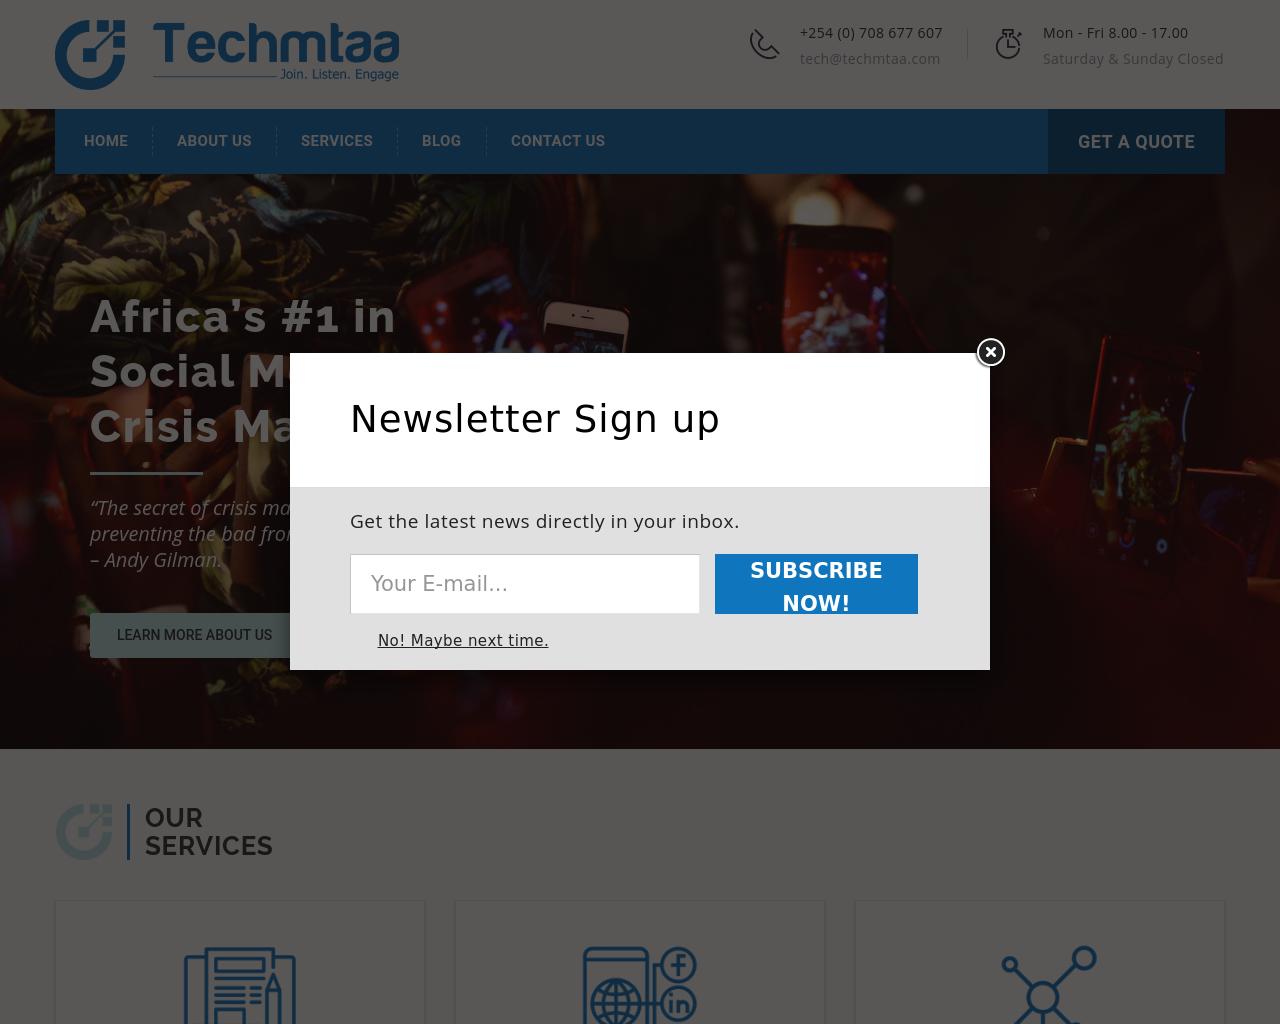 TechMtaa-Advertising-Reviews-Pricing